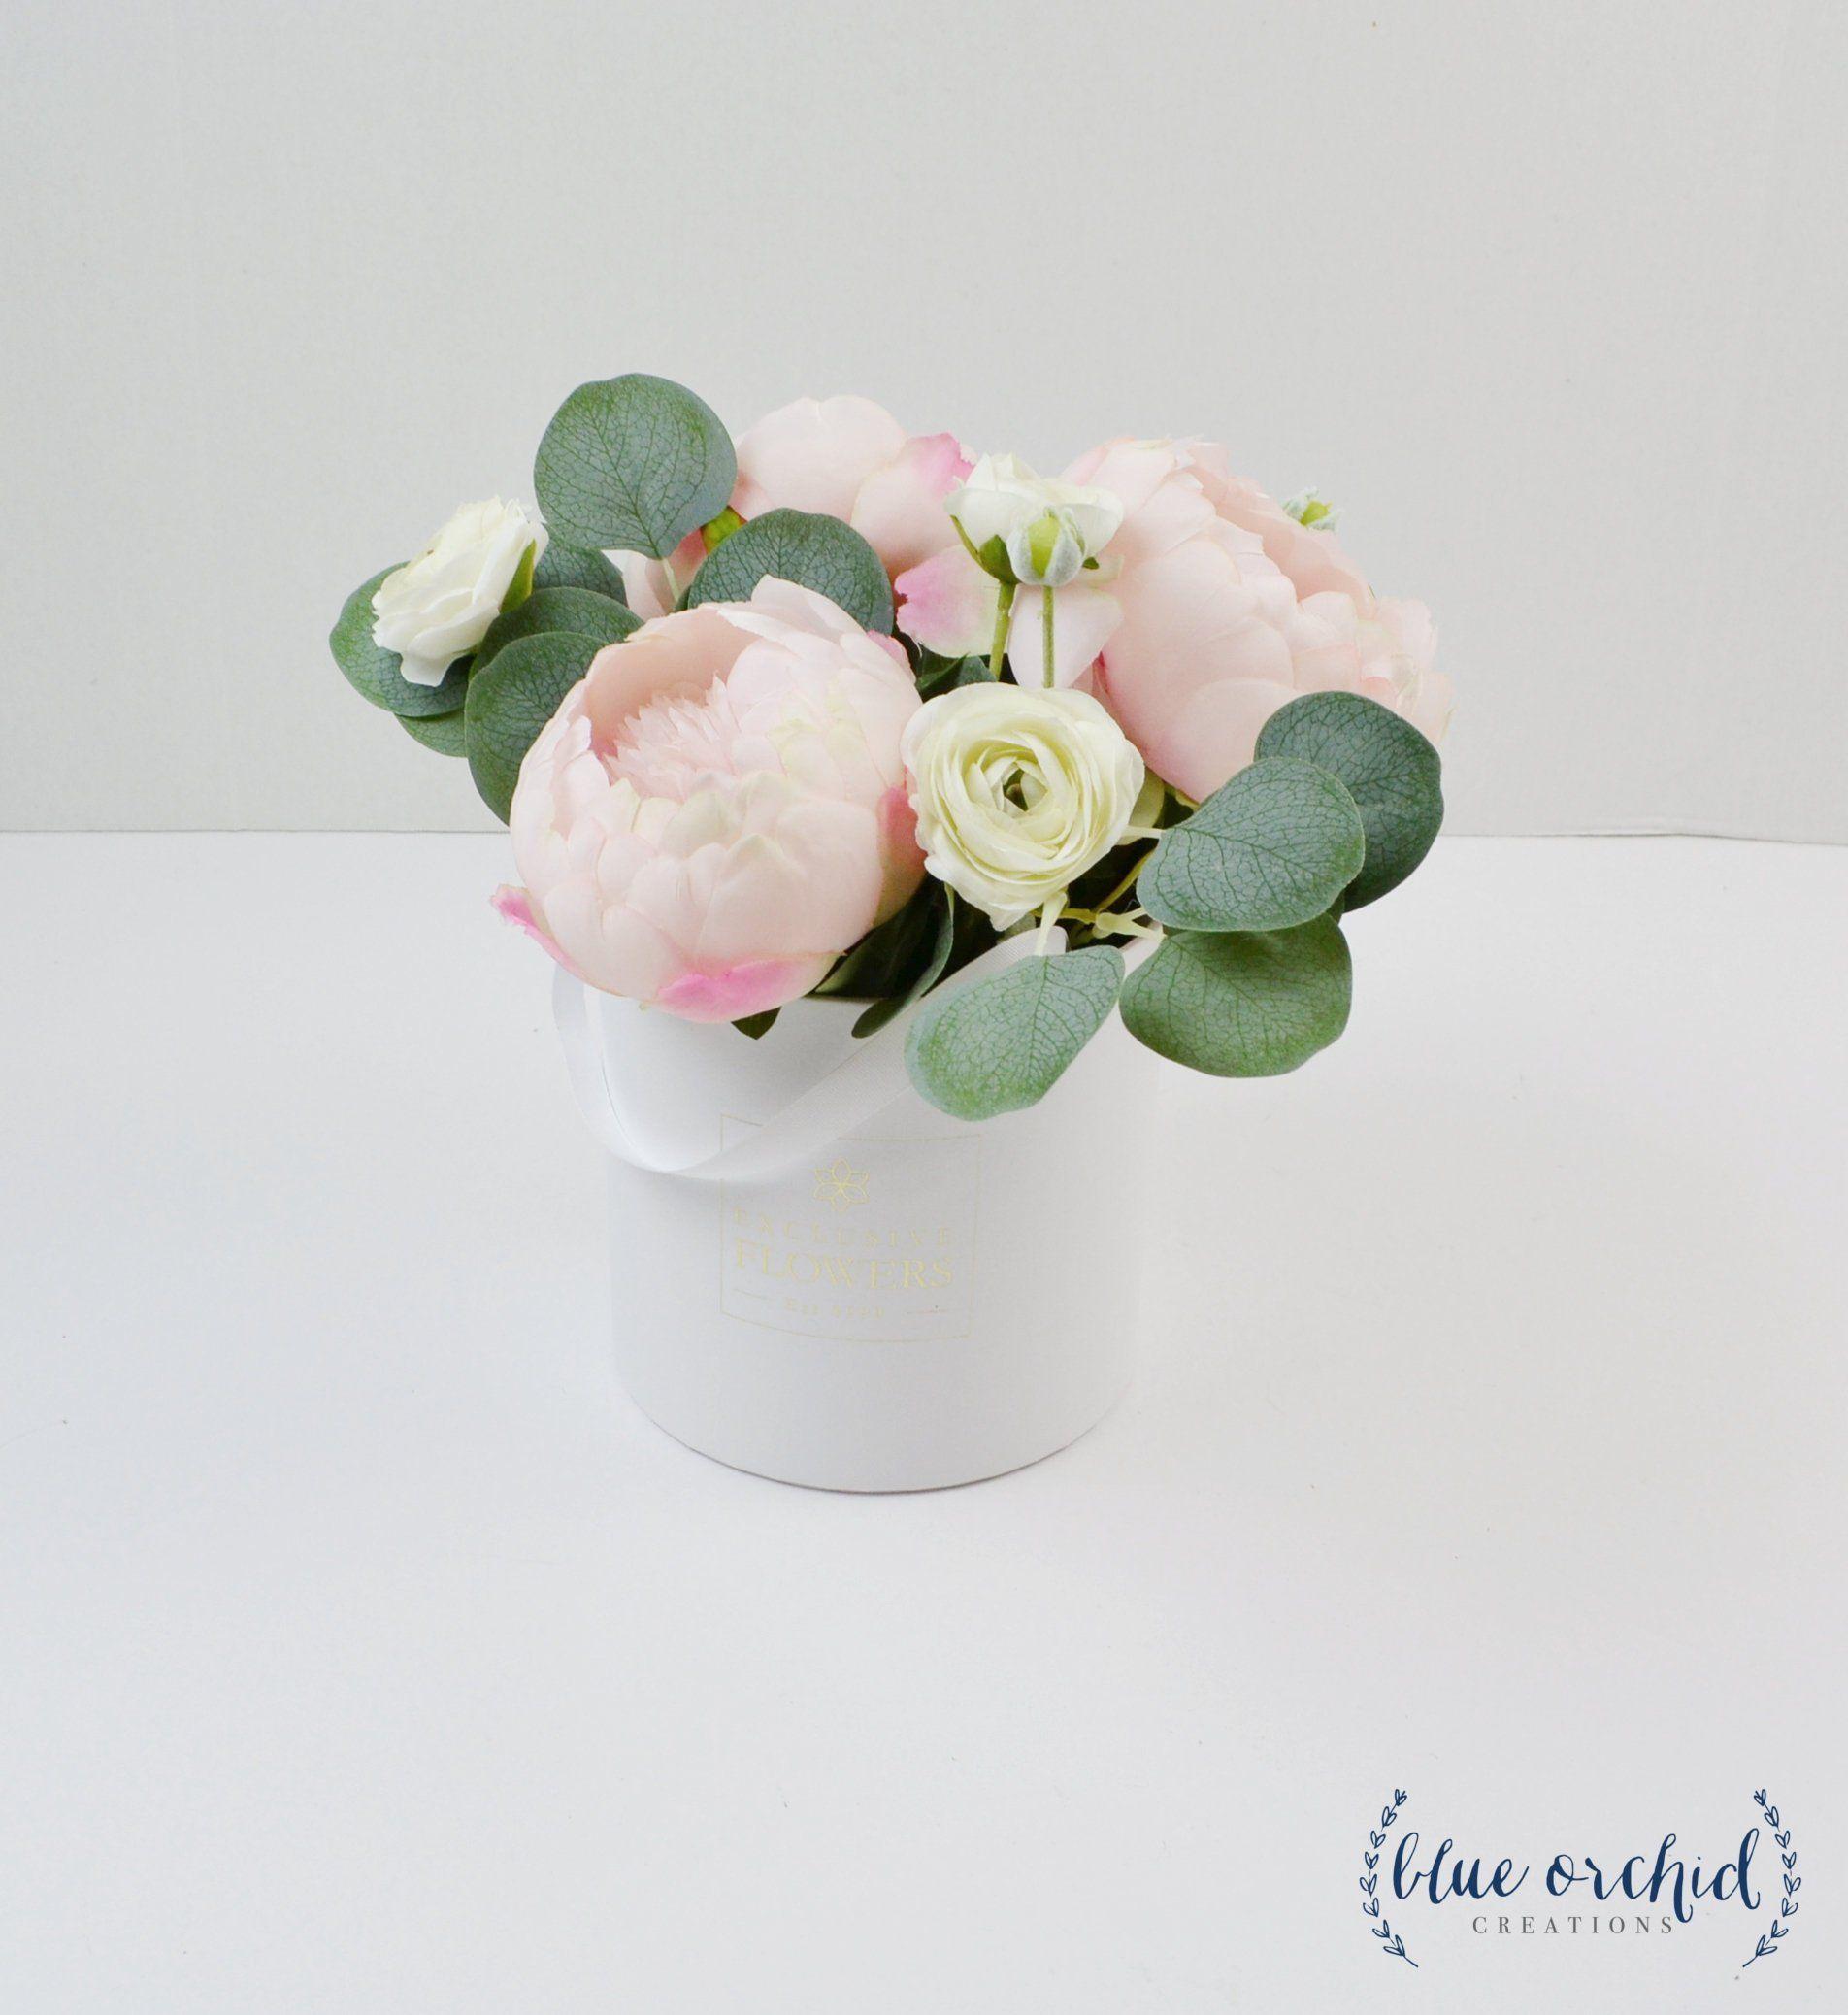 Floral Arrangement Hat Box Centerpiece Peony Arrangement Etsy Peony Arrangement Silk Flower Arrangements Floral Arrangements